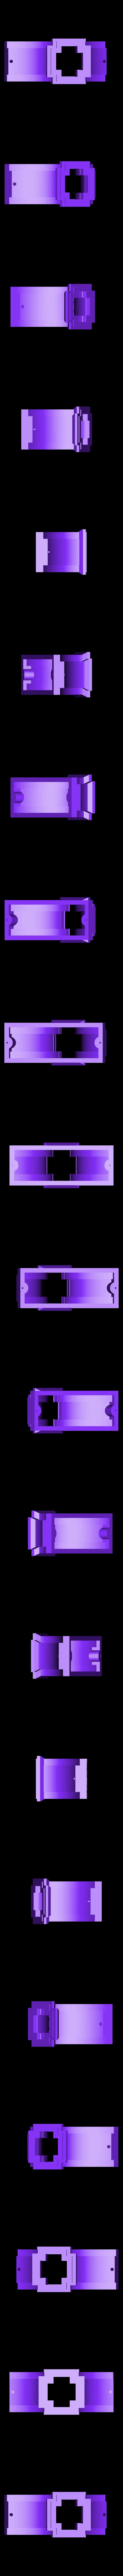 LBLUC_foot_base.stl Télécharger fichier STL gratuit Led lampe de pont Segment Universel • Objet imprimable en 3D, Opossums